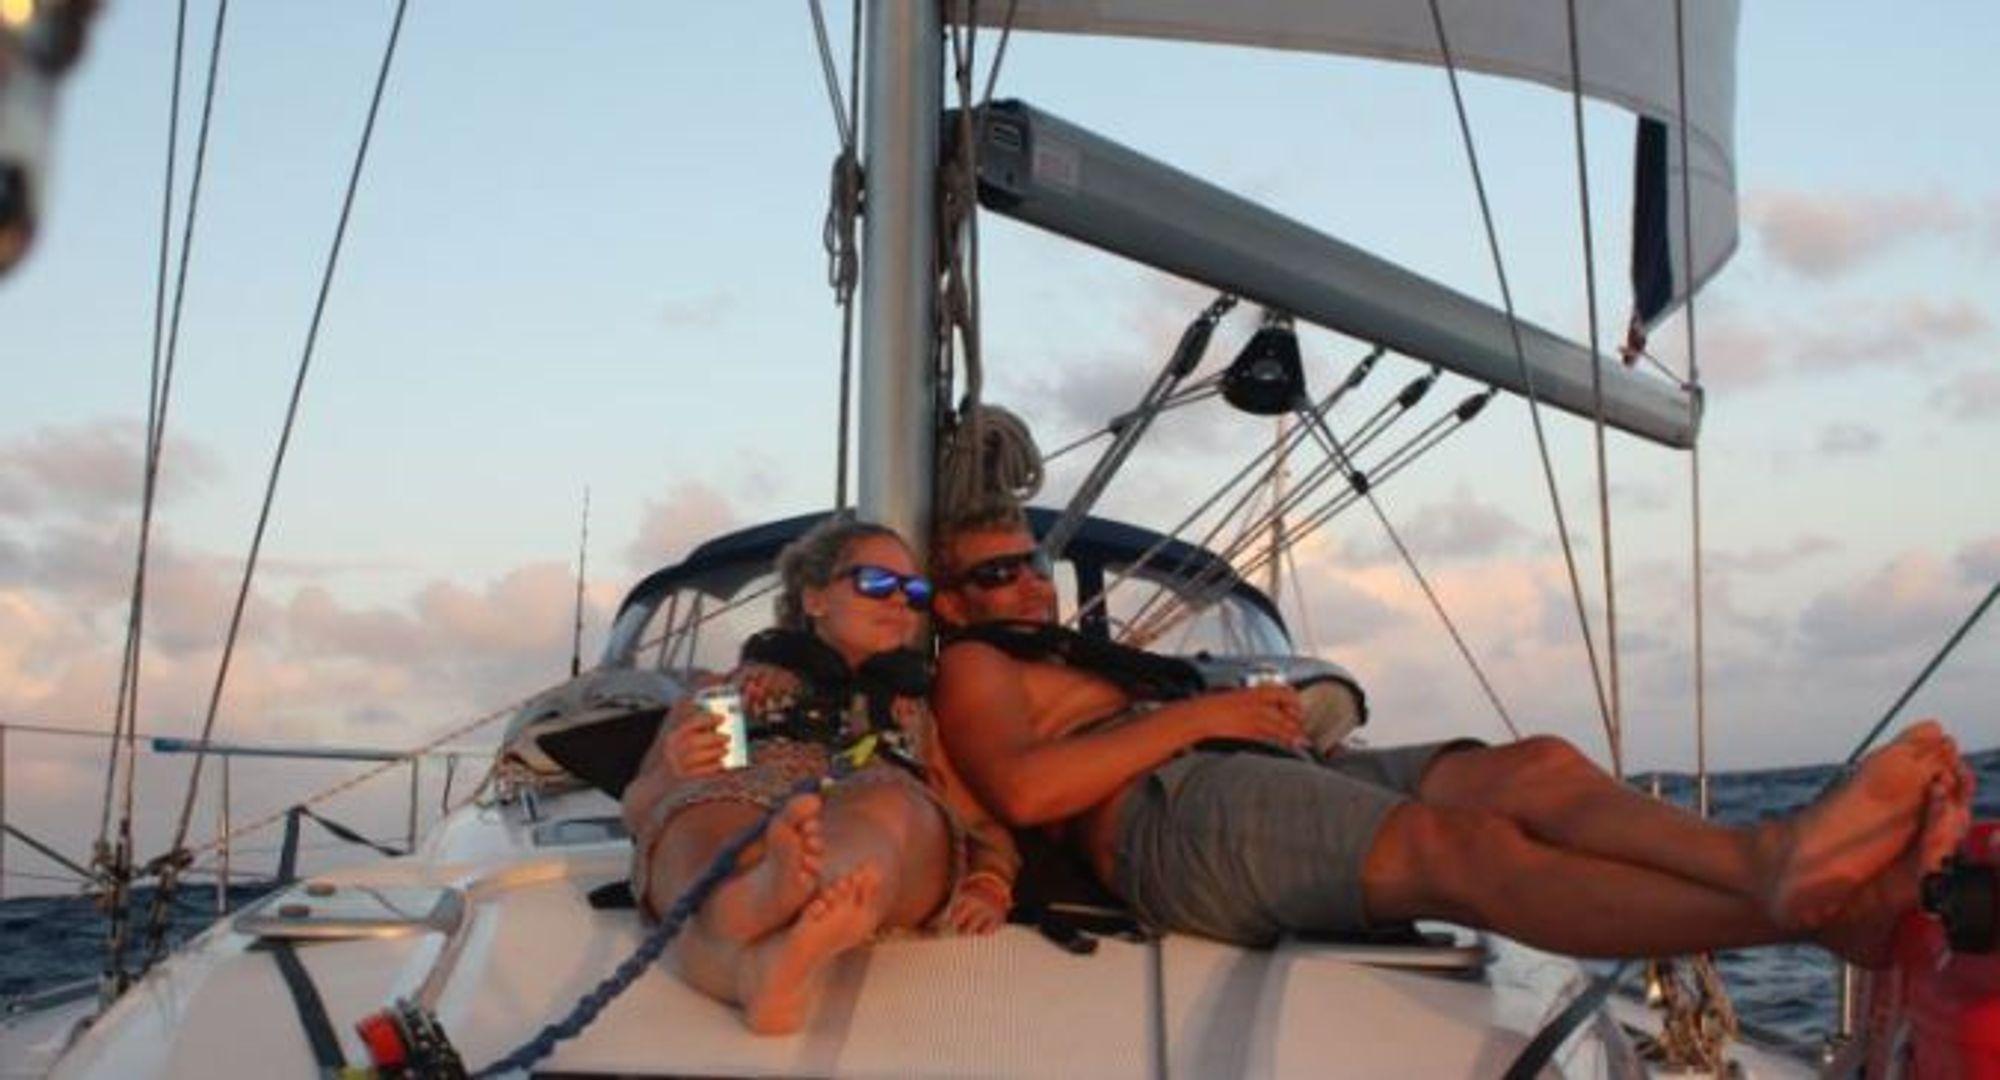 UNDERVEIS: Våre lokale seilere har hatt mange opplevelser underveis, som har blitt godt dokumentert på bloggen deres.